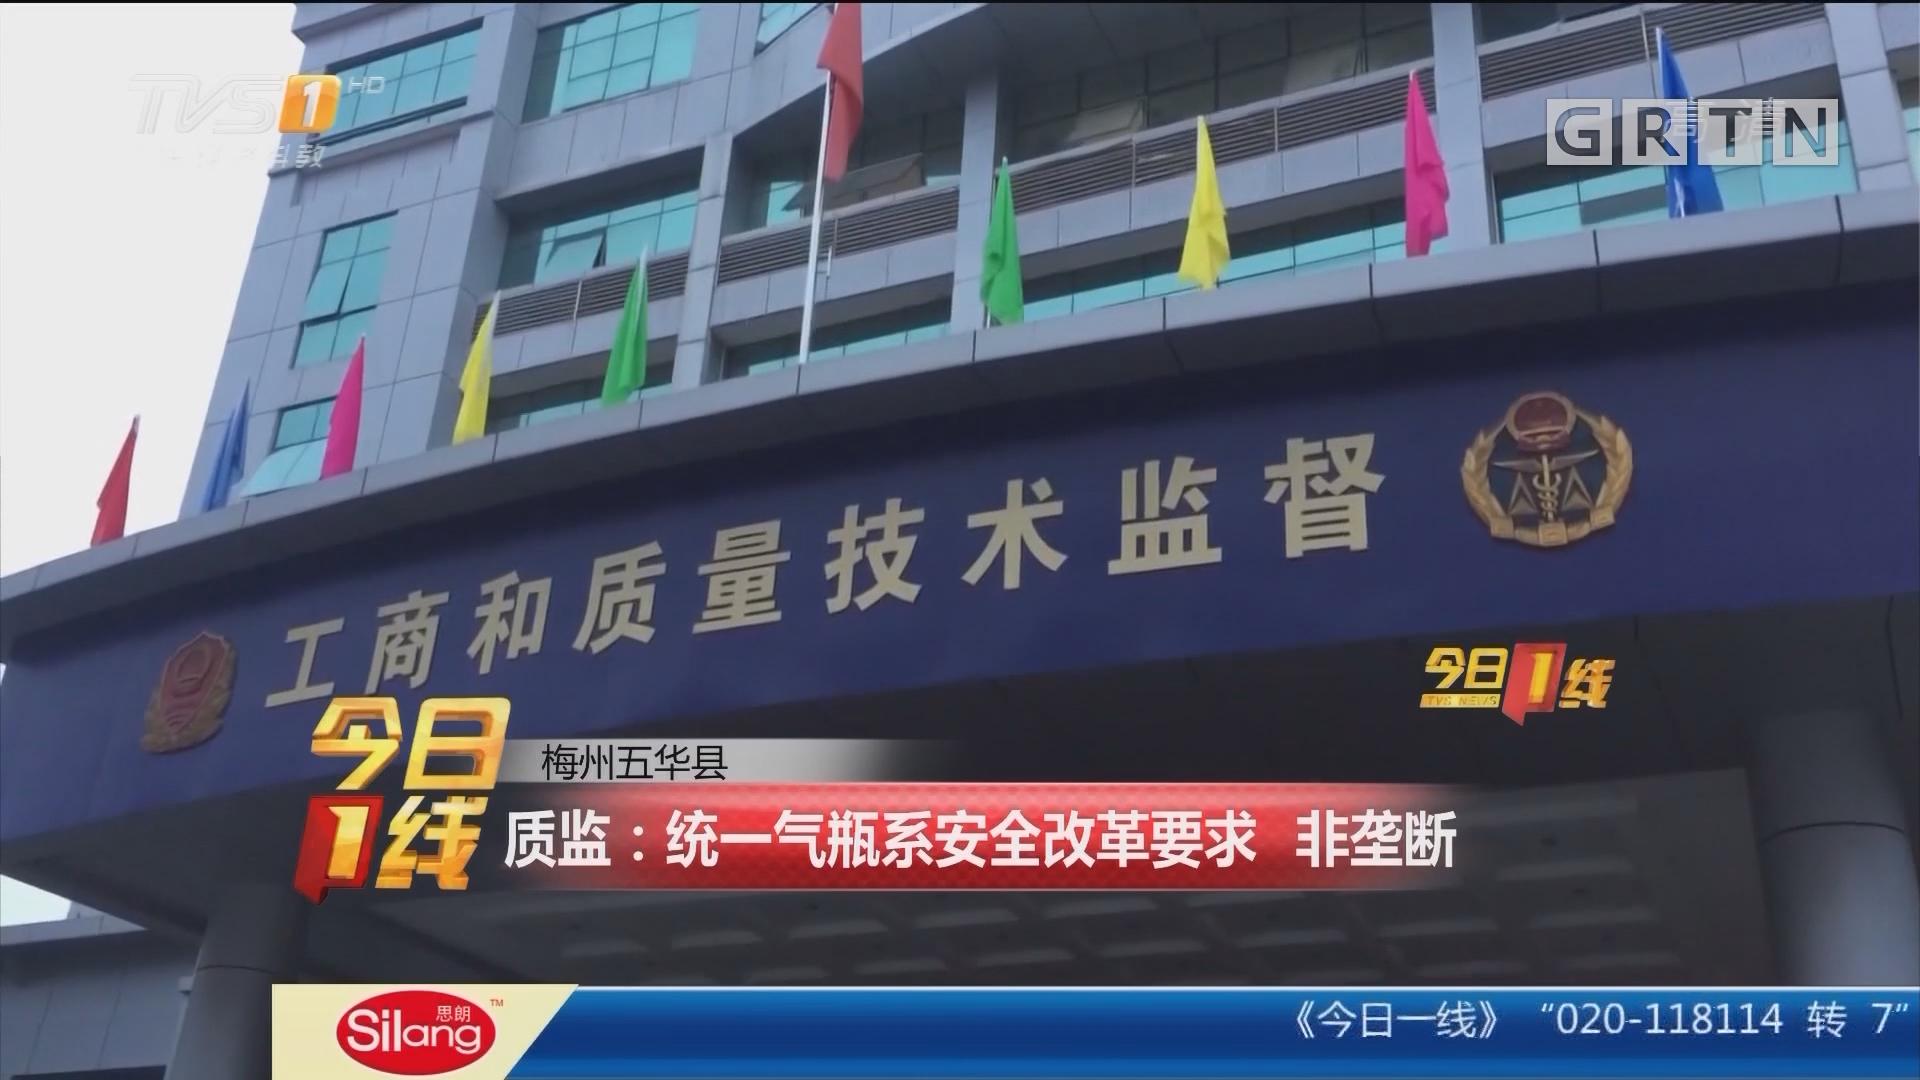 梅州五华县 质监:统一气瓶系安全改革要求 非垄断